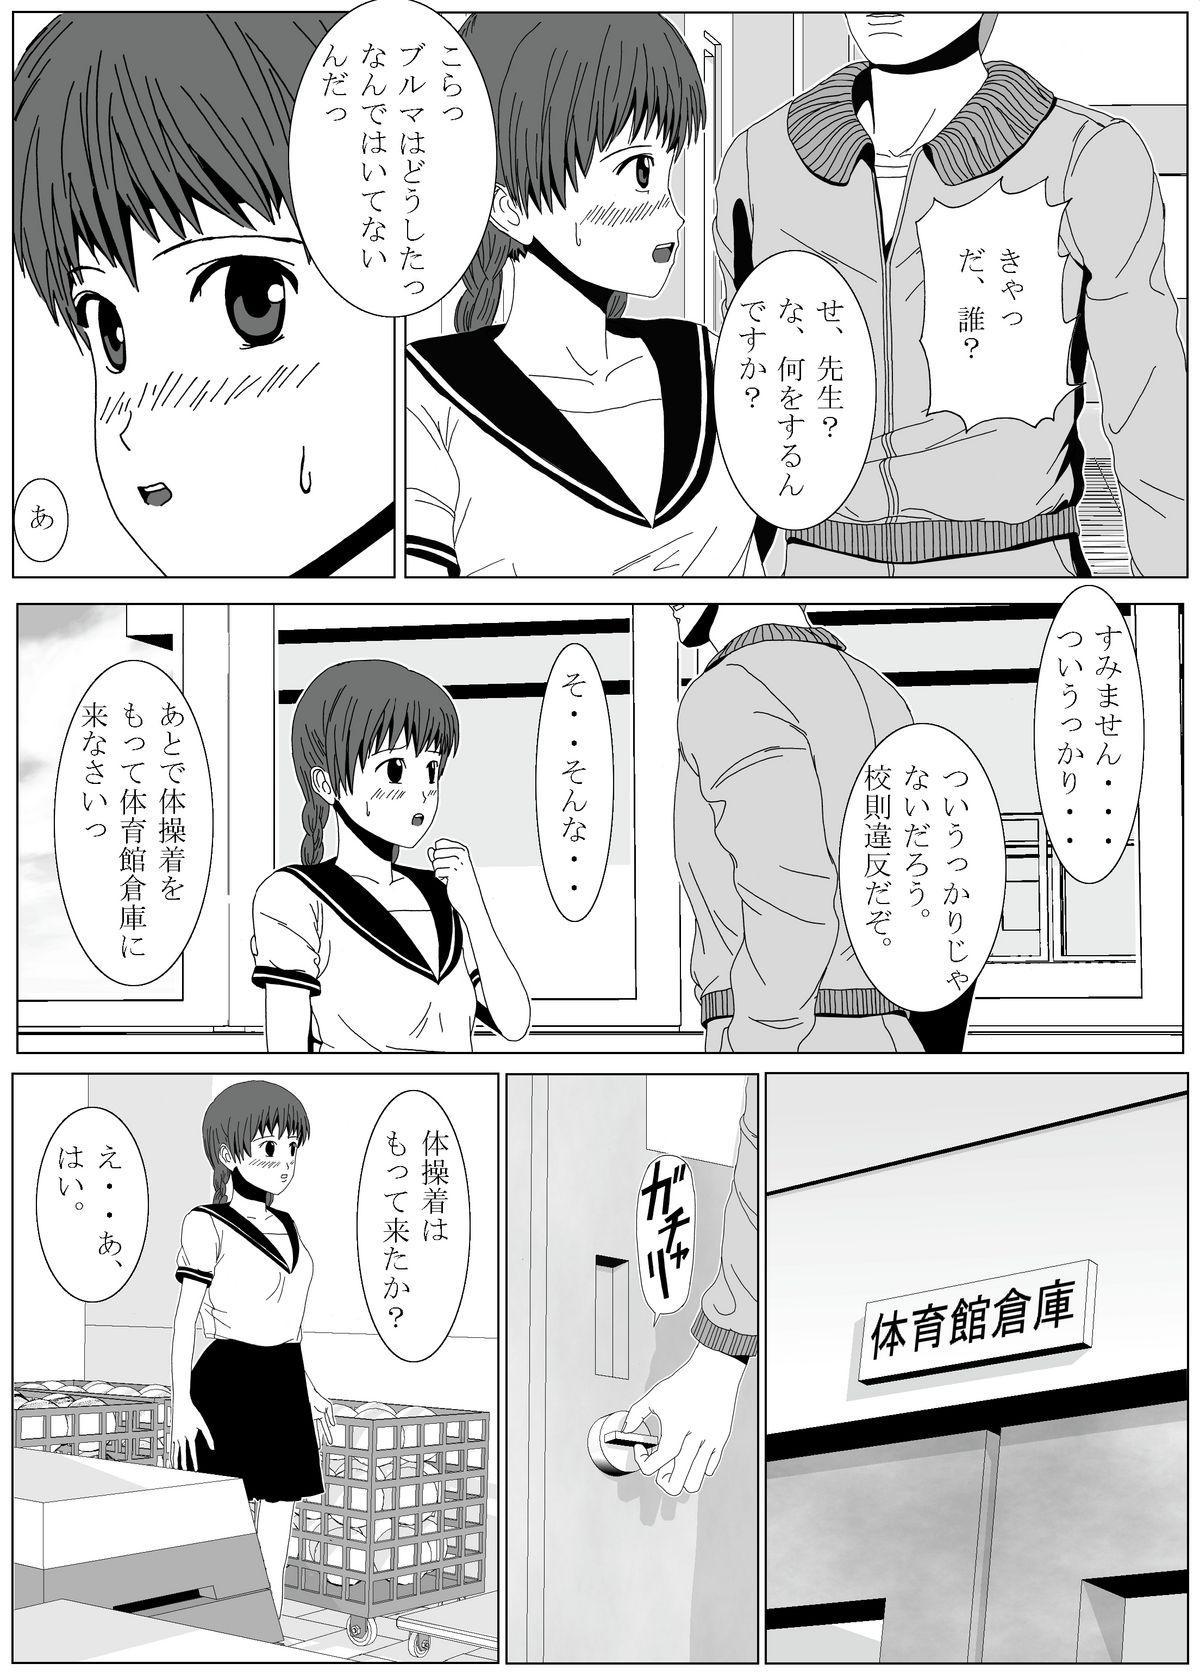 Kusuguri Maid / Imouto Kusuguri Sonota 31